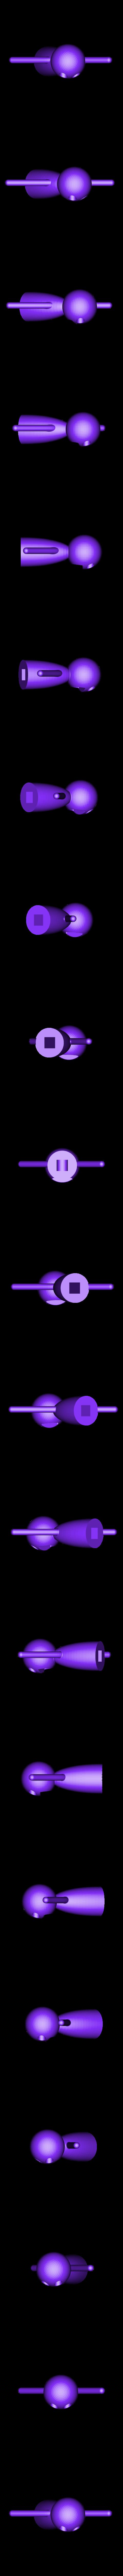 Function_Stickman_yx_top.stl Télécharger fichier STL gratuit Dancing Function Stickmen • Plan pour impression 3D, Chrisibub